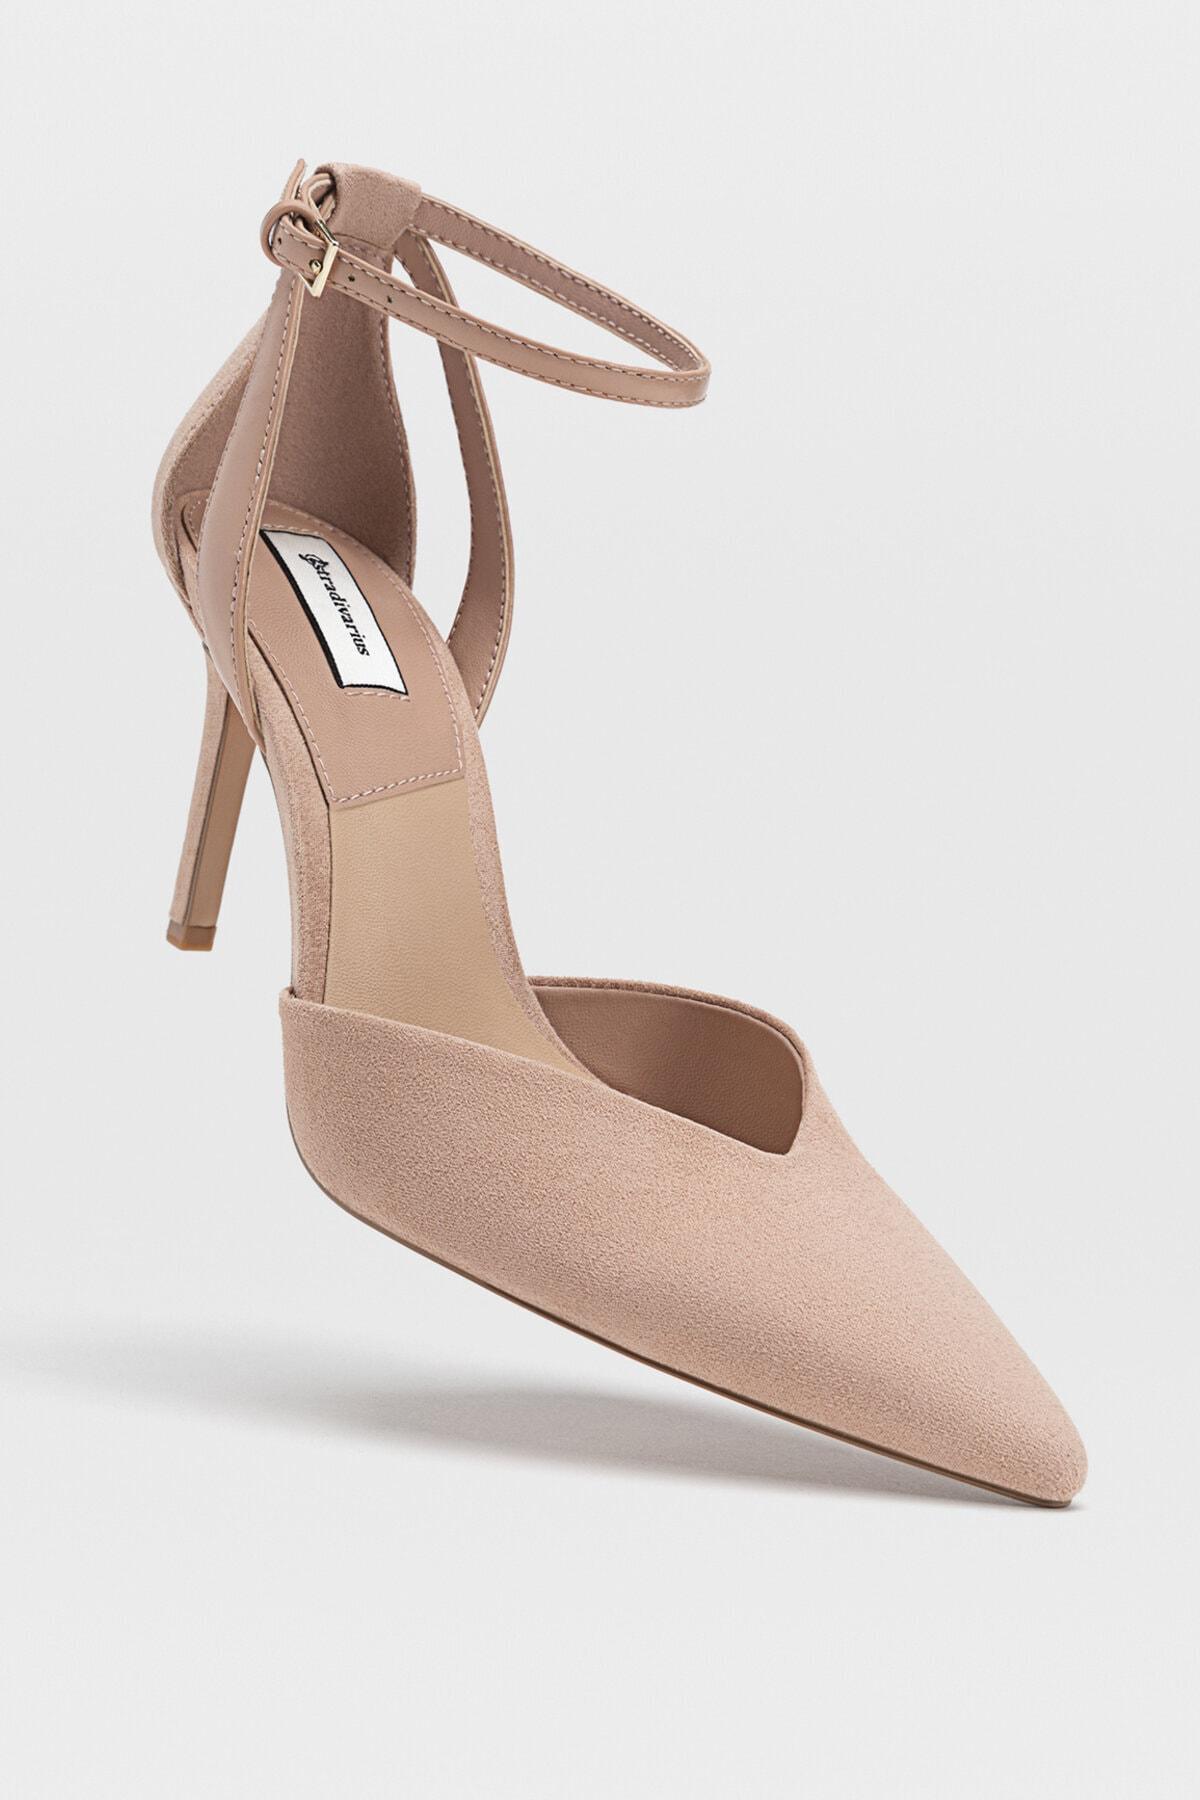 Stradivarius Kadın Pudra Bilekten Bantlı Yüksek Topuklu Ayakkabı 19153770 3